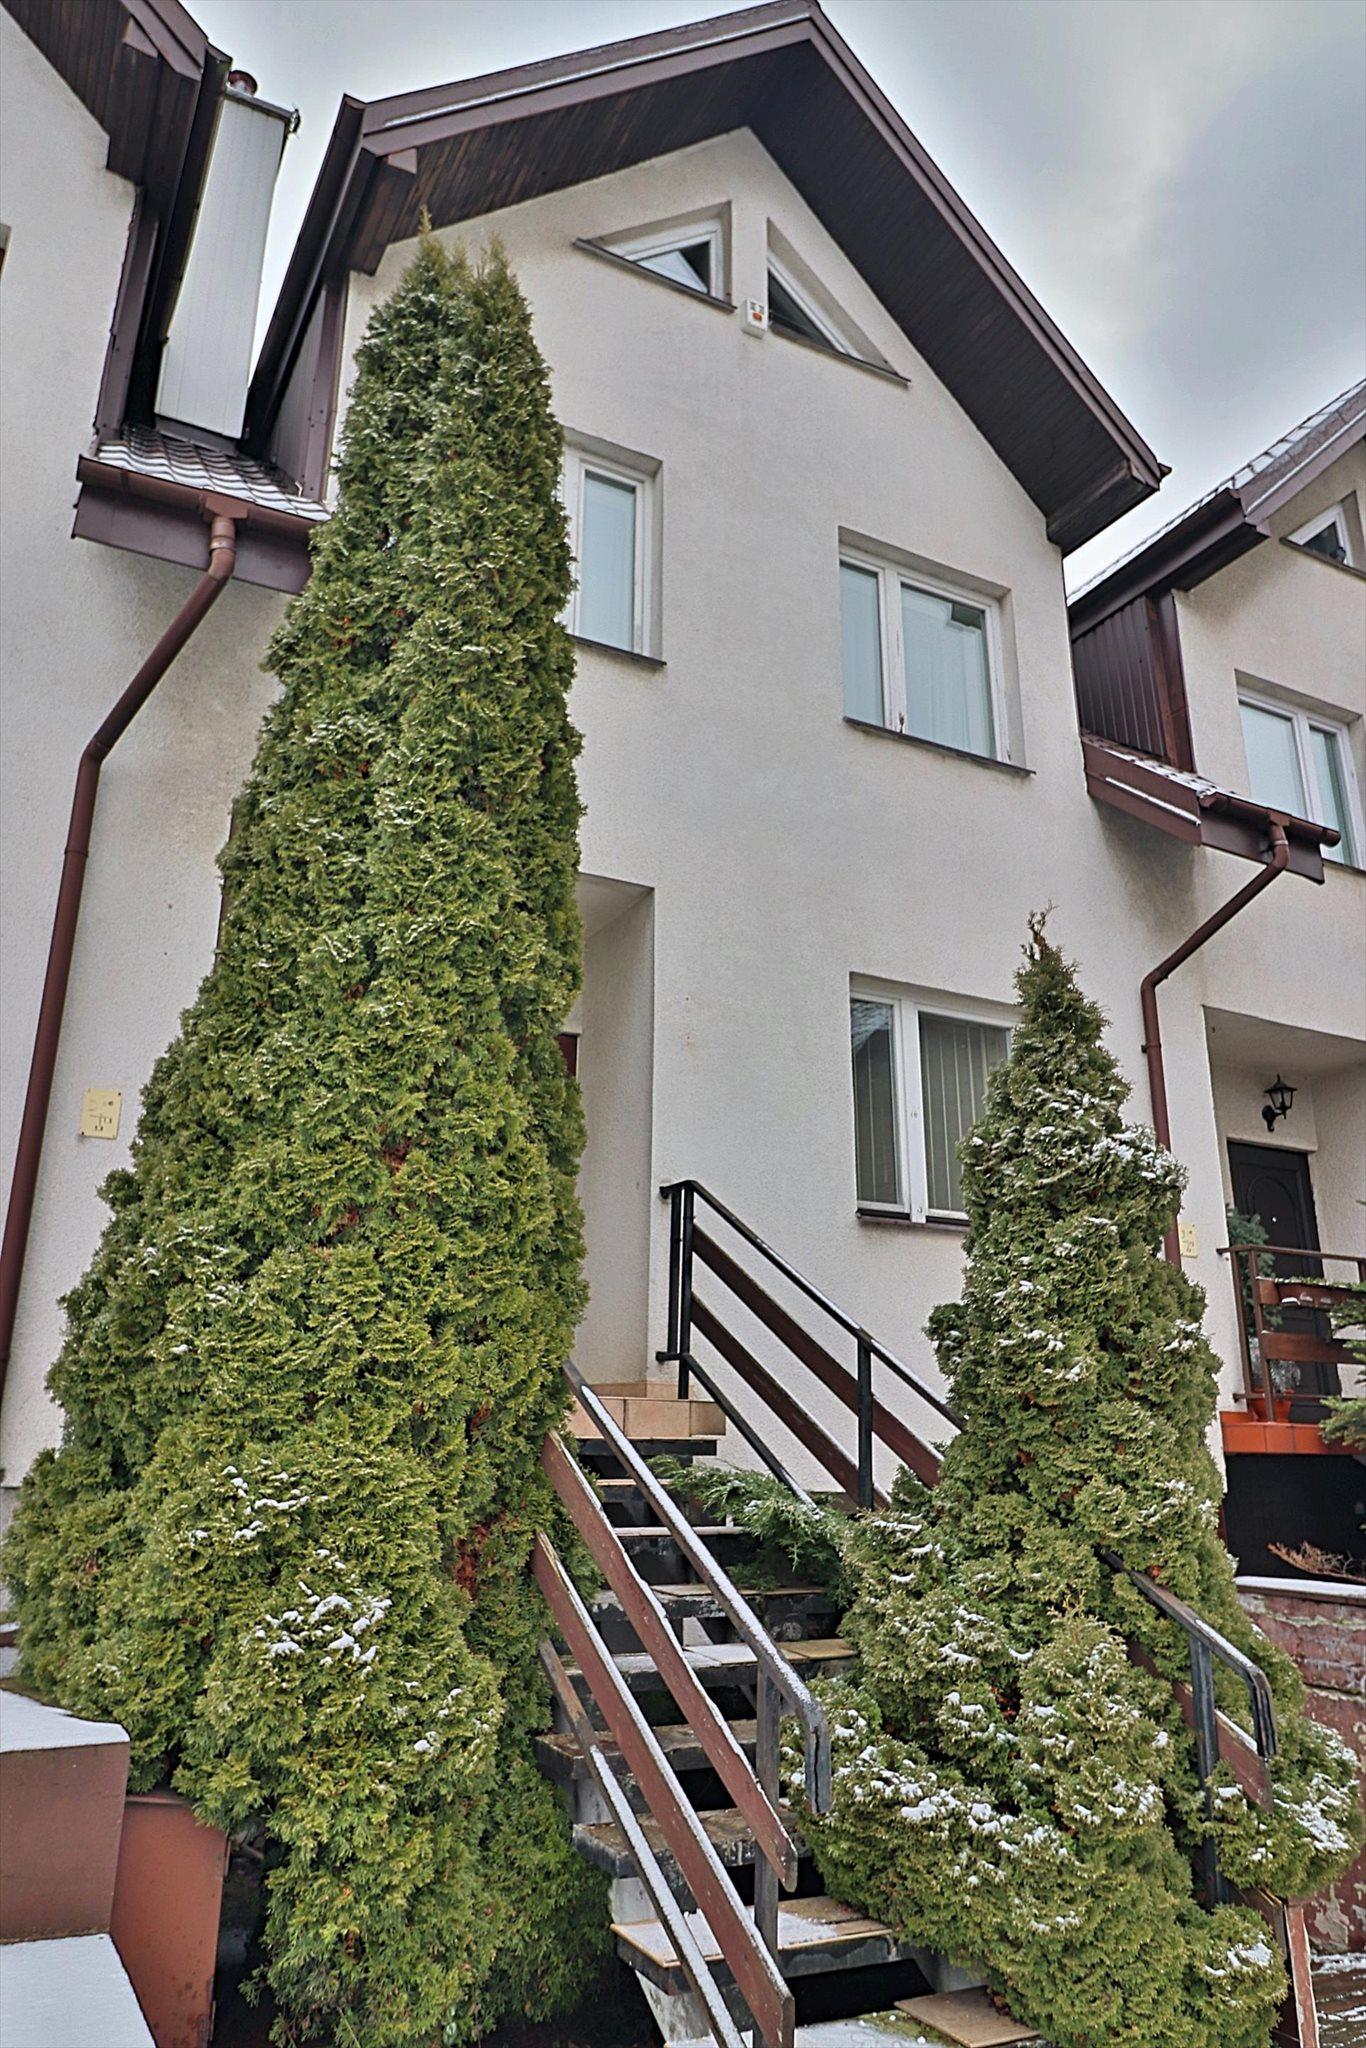 Dom na sprzedaż Warszawa, Ursynów, Grabów, Krasnowolska  300m2 Foto 1